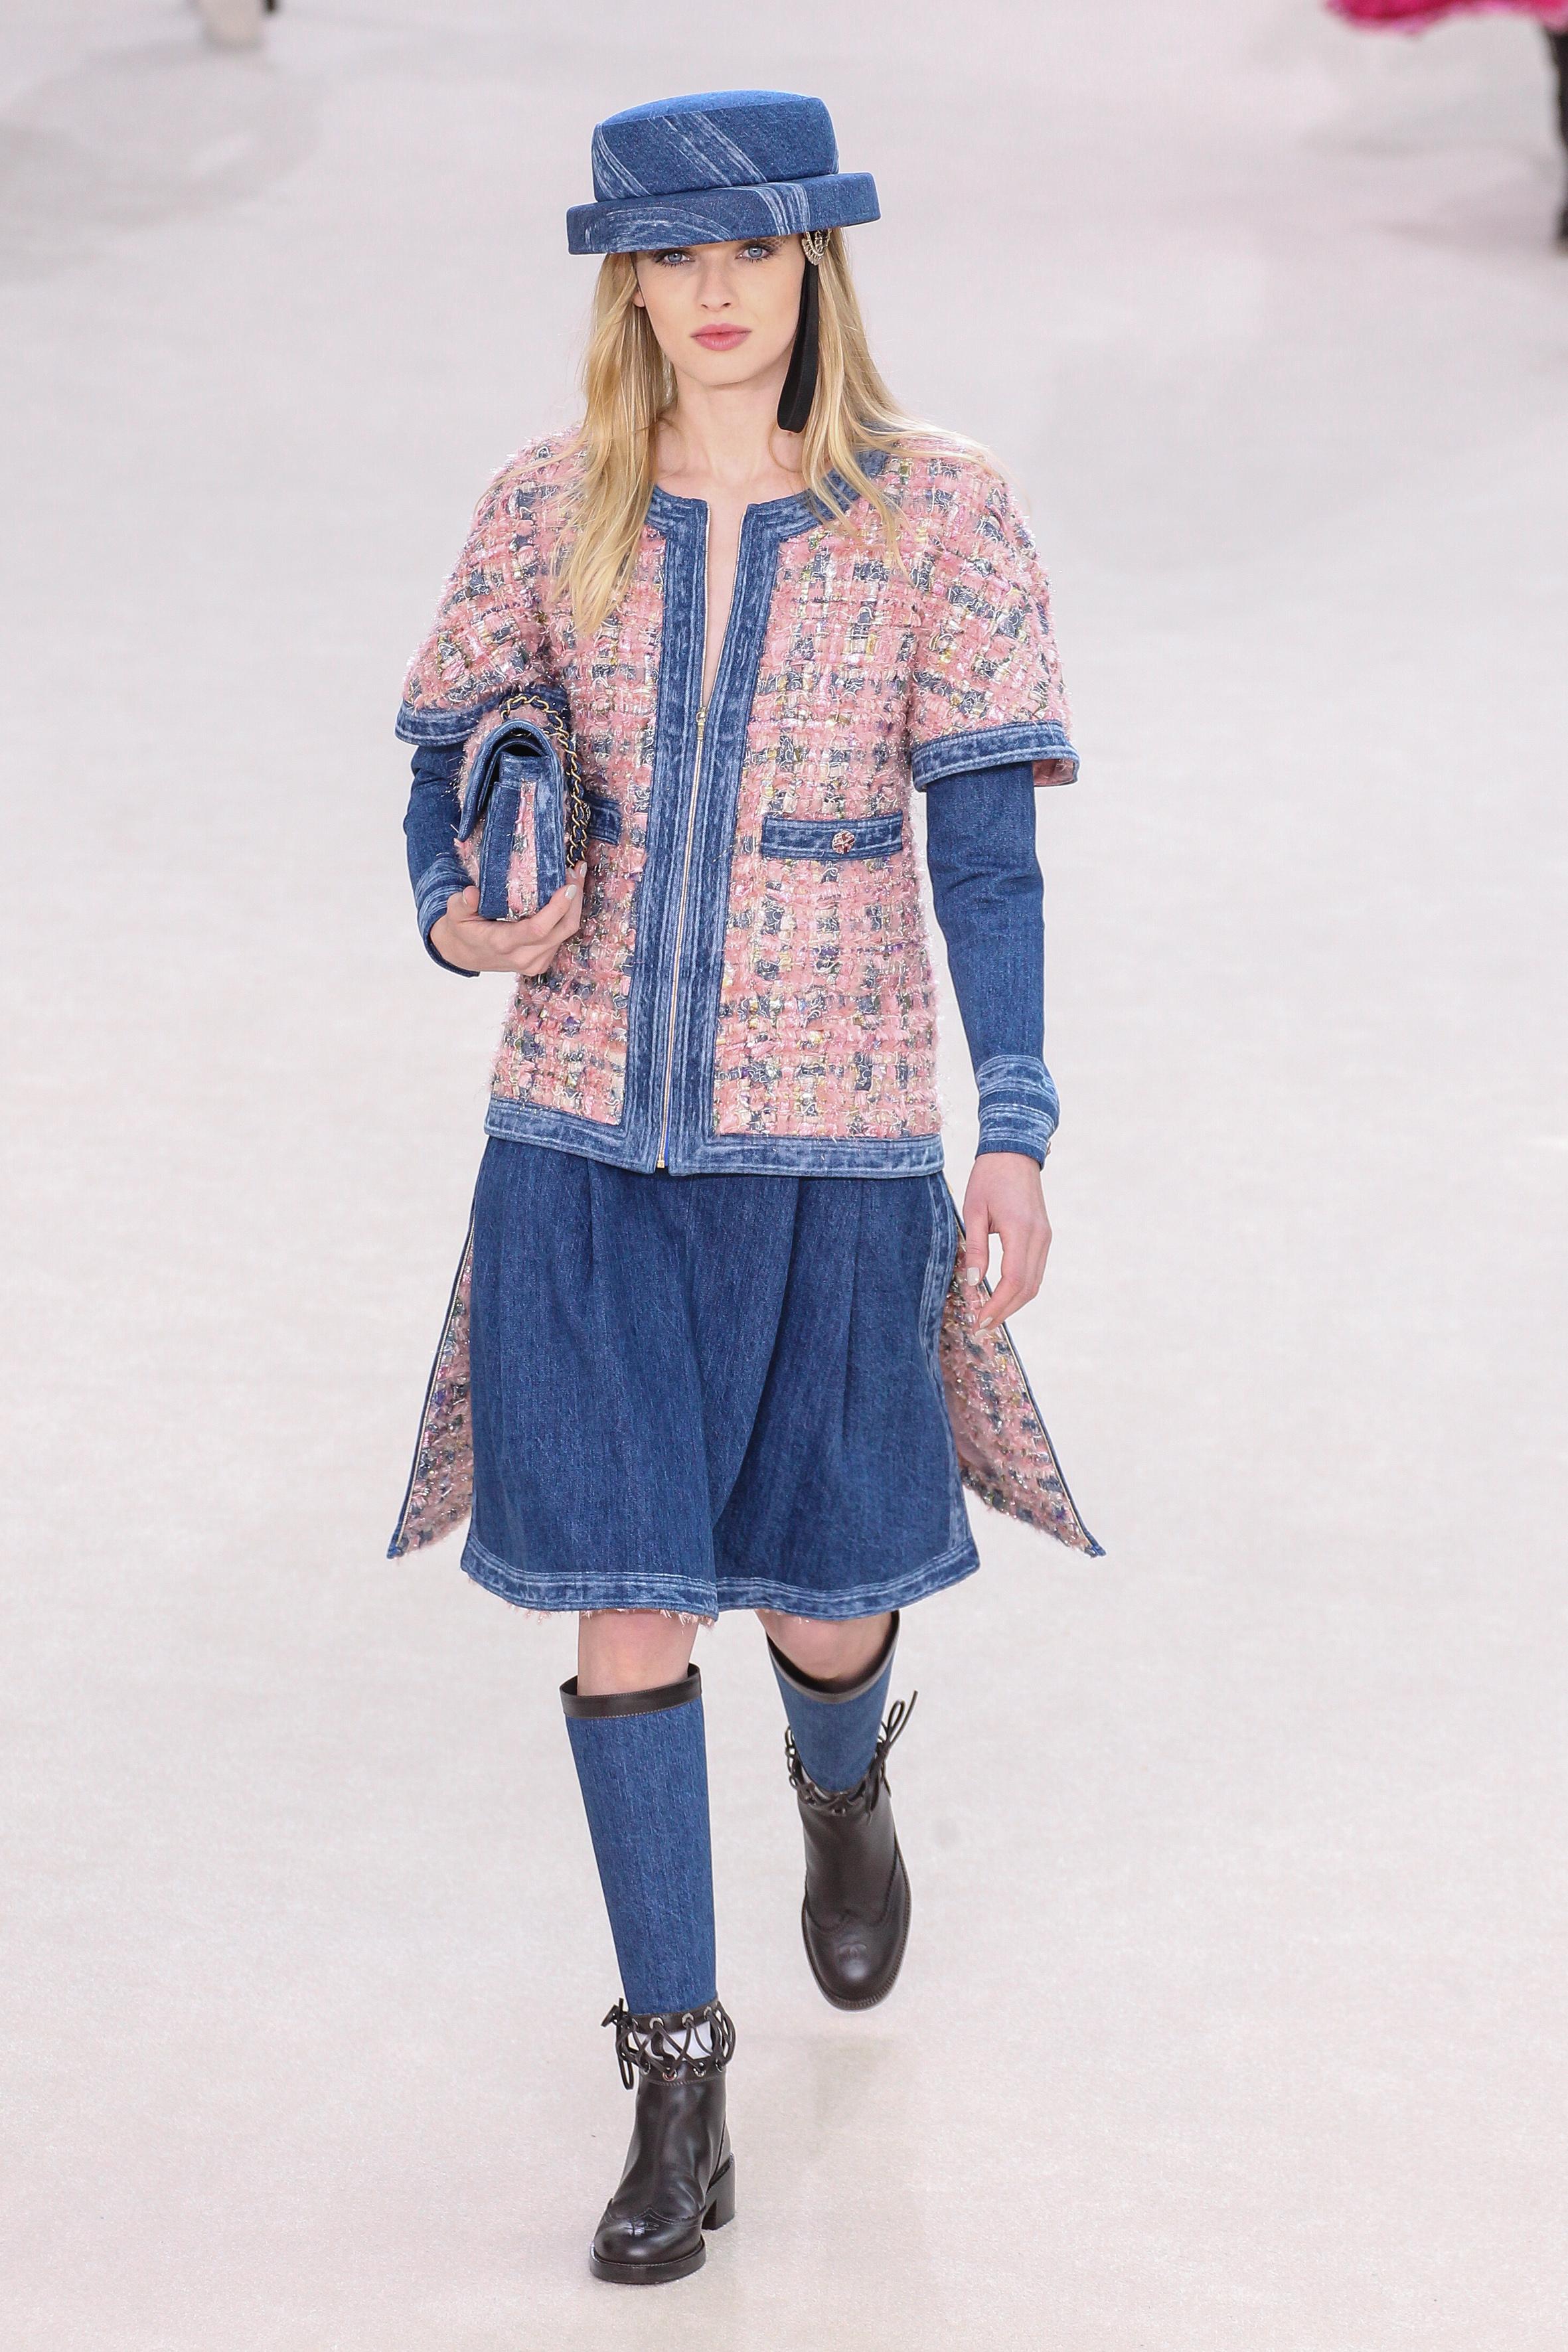 Accessori denim  borse e scarpe in tessuto jeans - Tgcom24 144c69f1f55